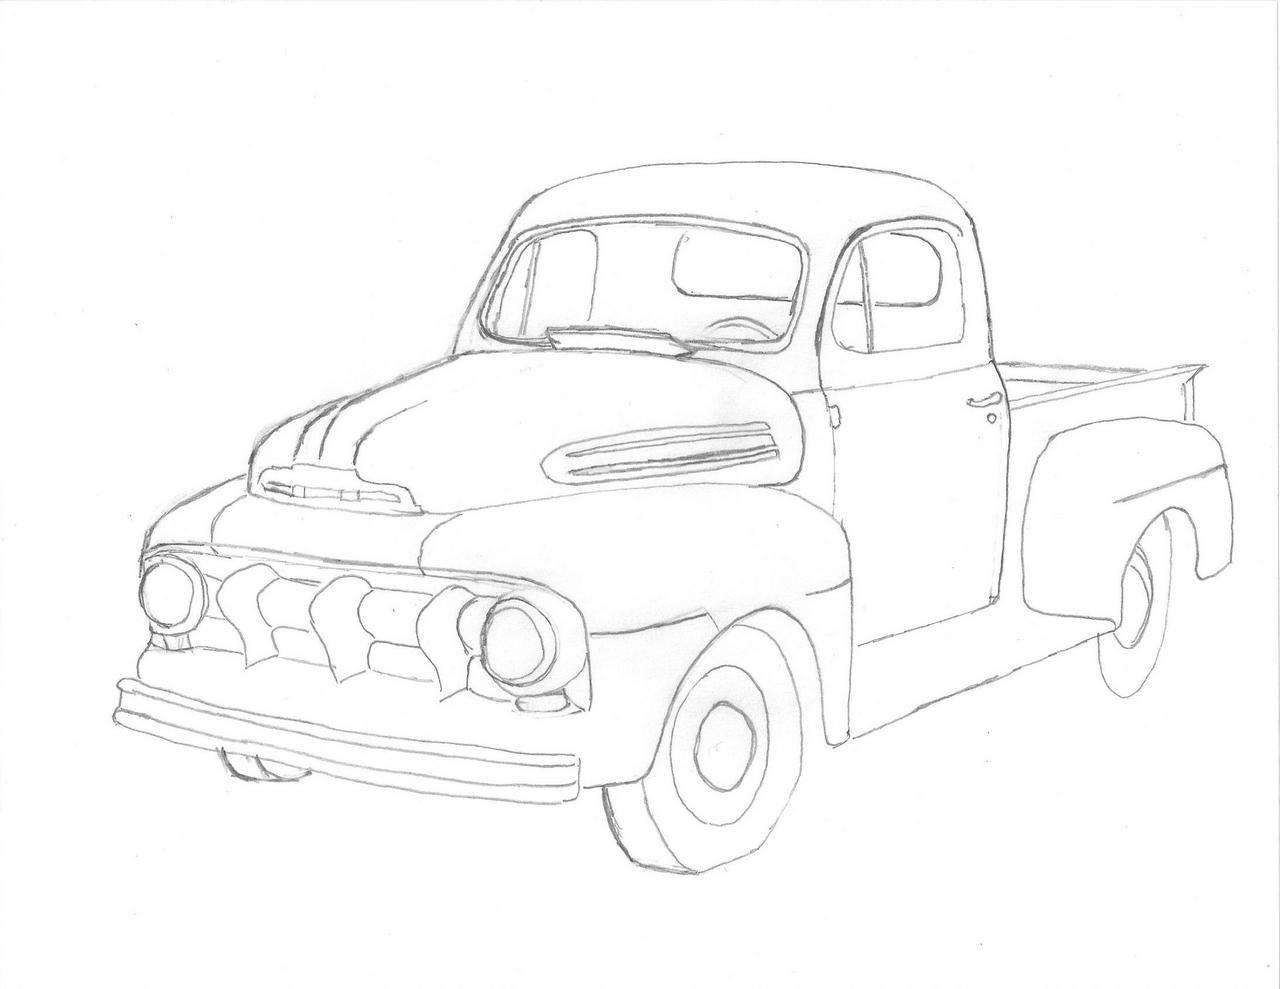 Pickup Drawing At Getdrawings